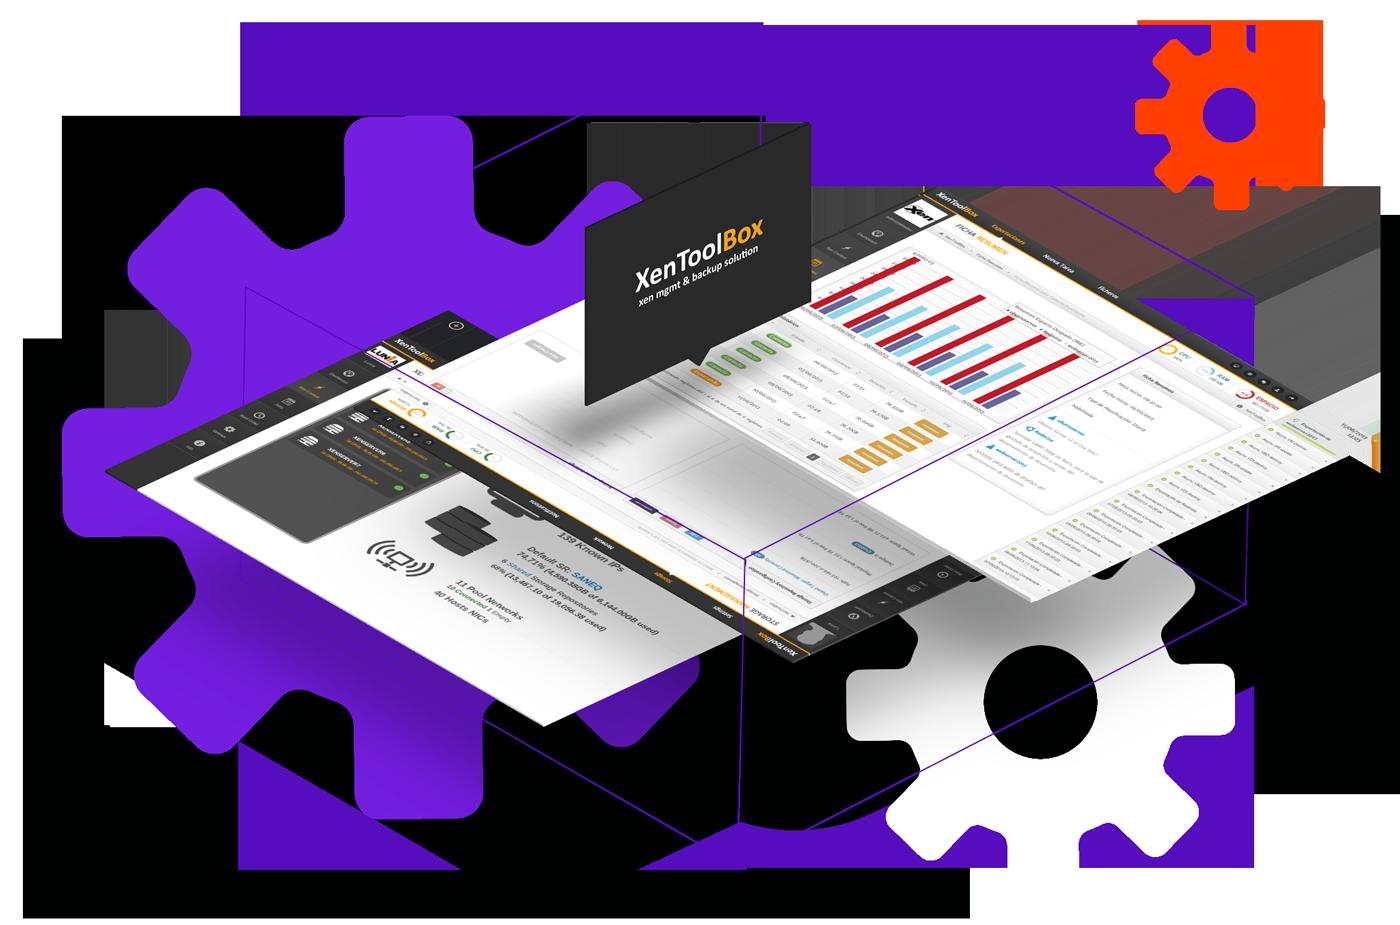 Lunia Consultora informática - Soluciones de negocio - Xentoolbox